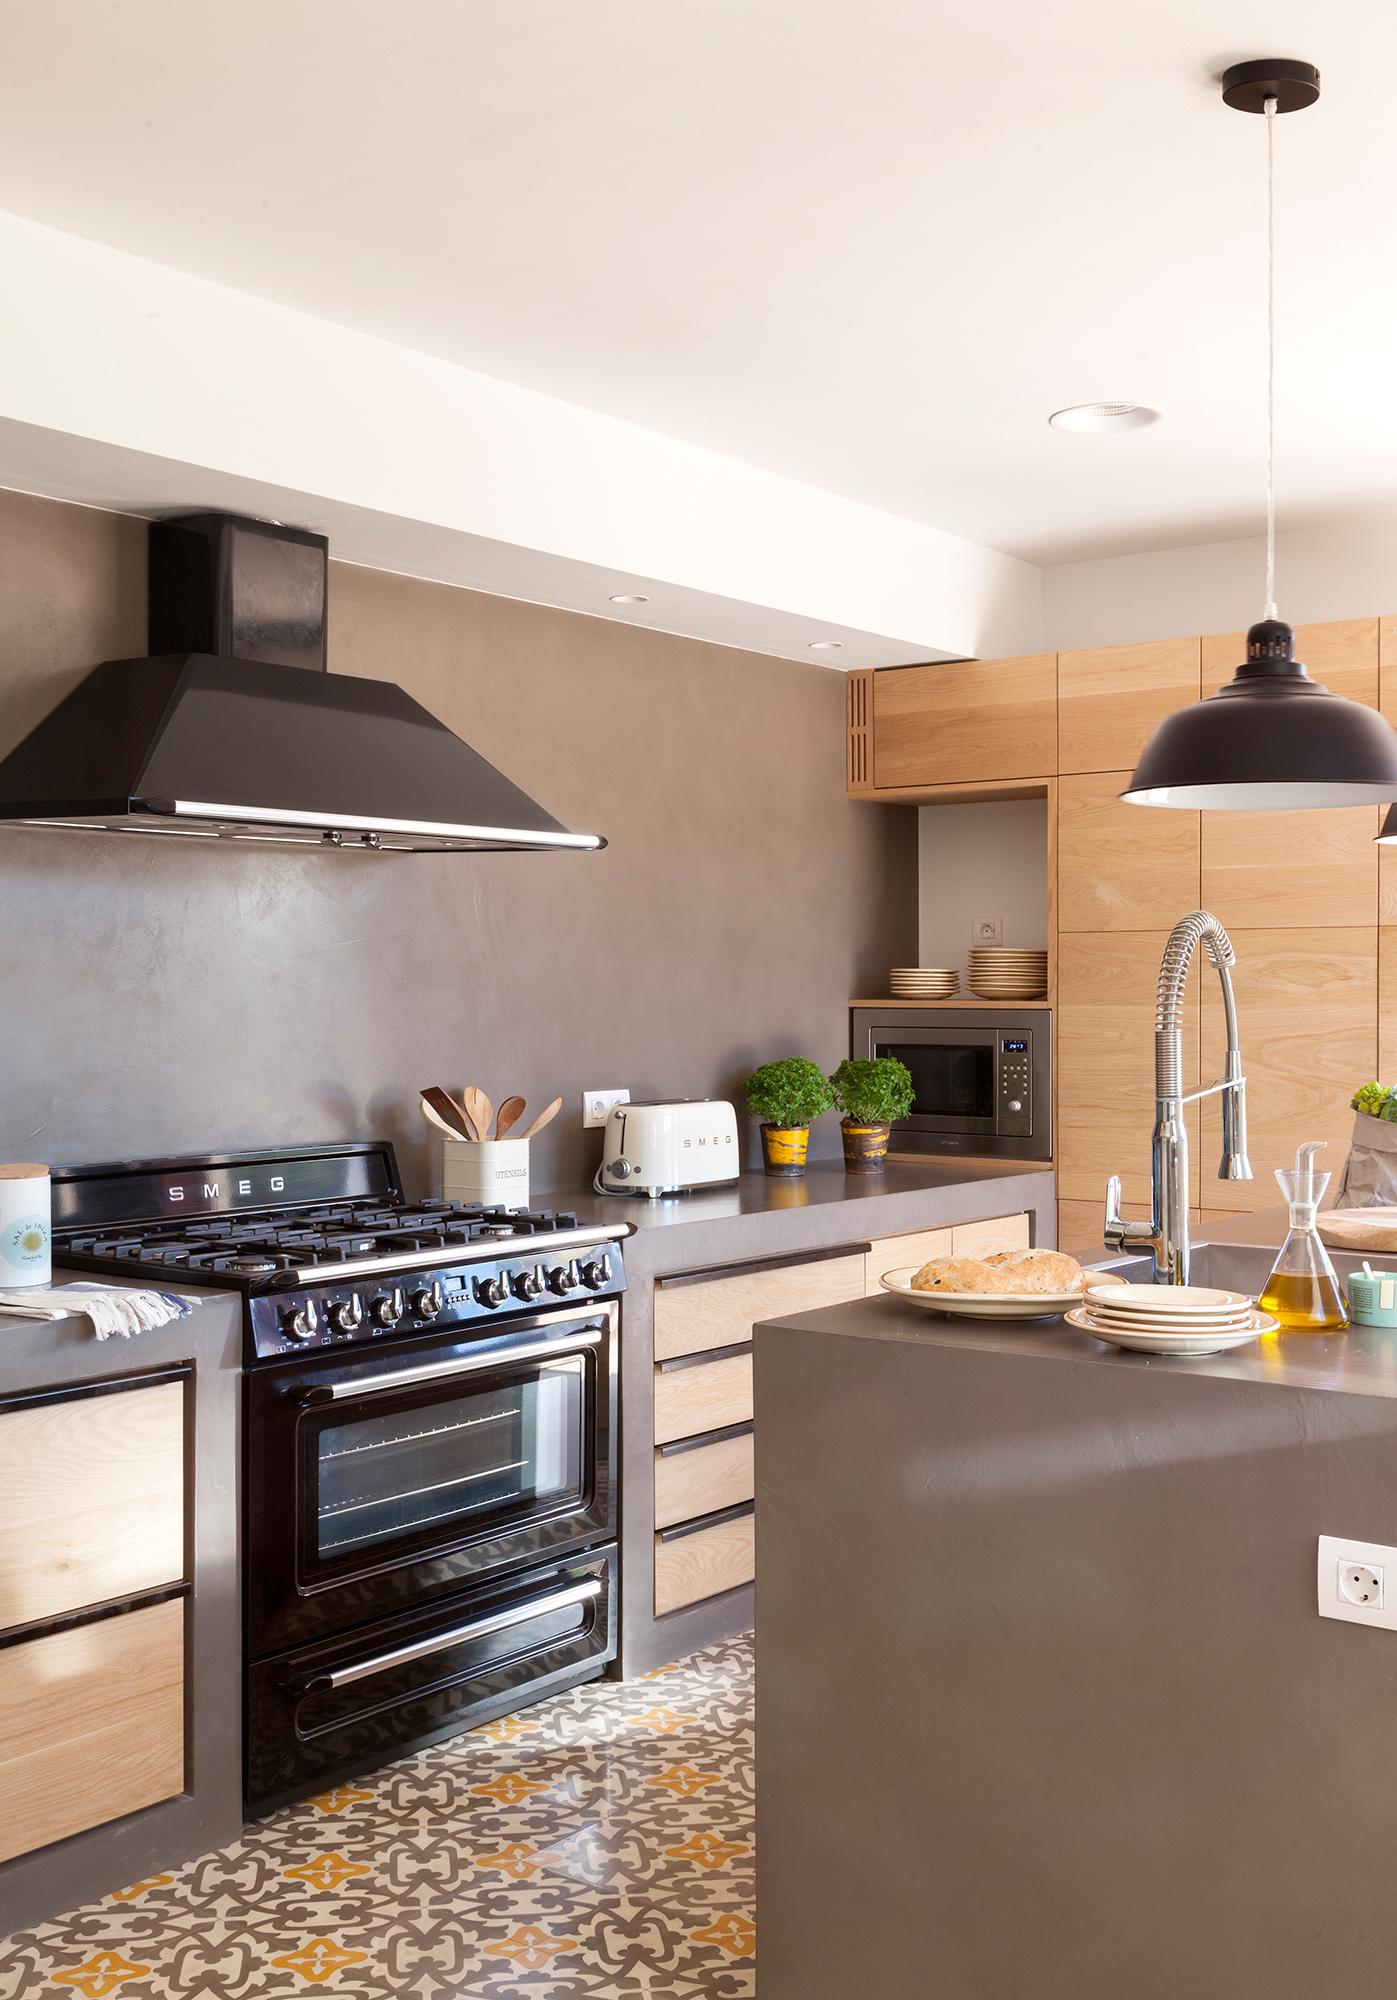 Cocinas muebles decoraci n dise o blancas o peque as for Cocinas con islas en el medio